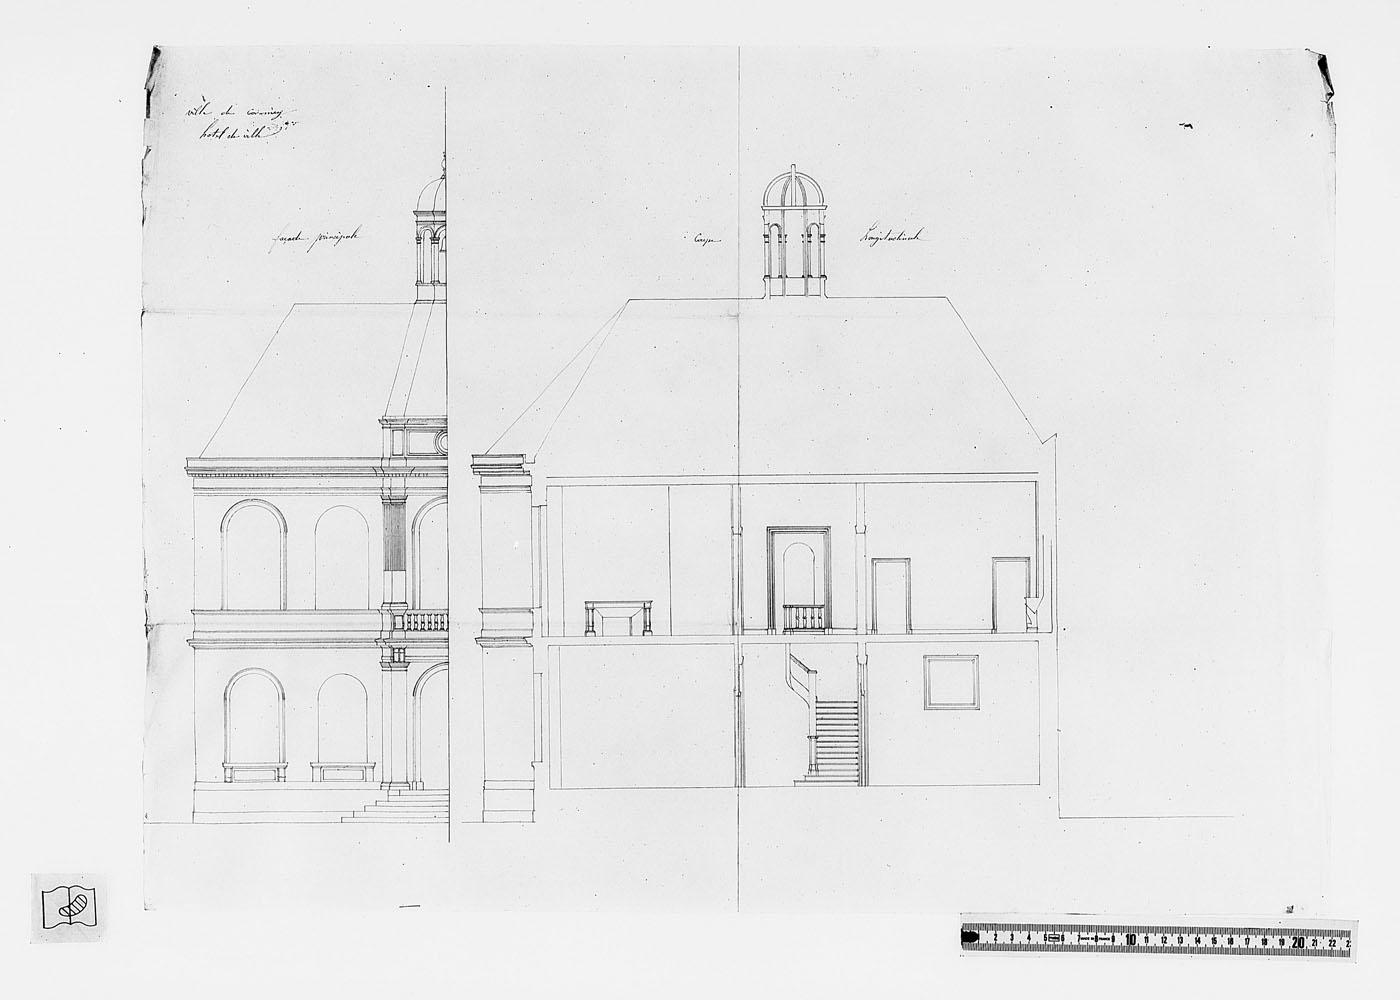 Plan de l'hotel de ville de Cormicy (1847) Dafanch07_f211890j1970v003-p